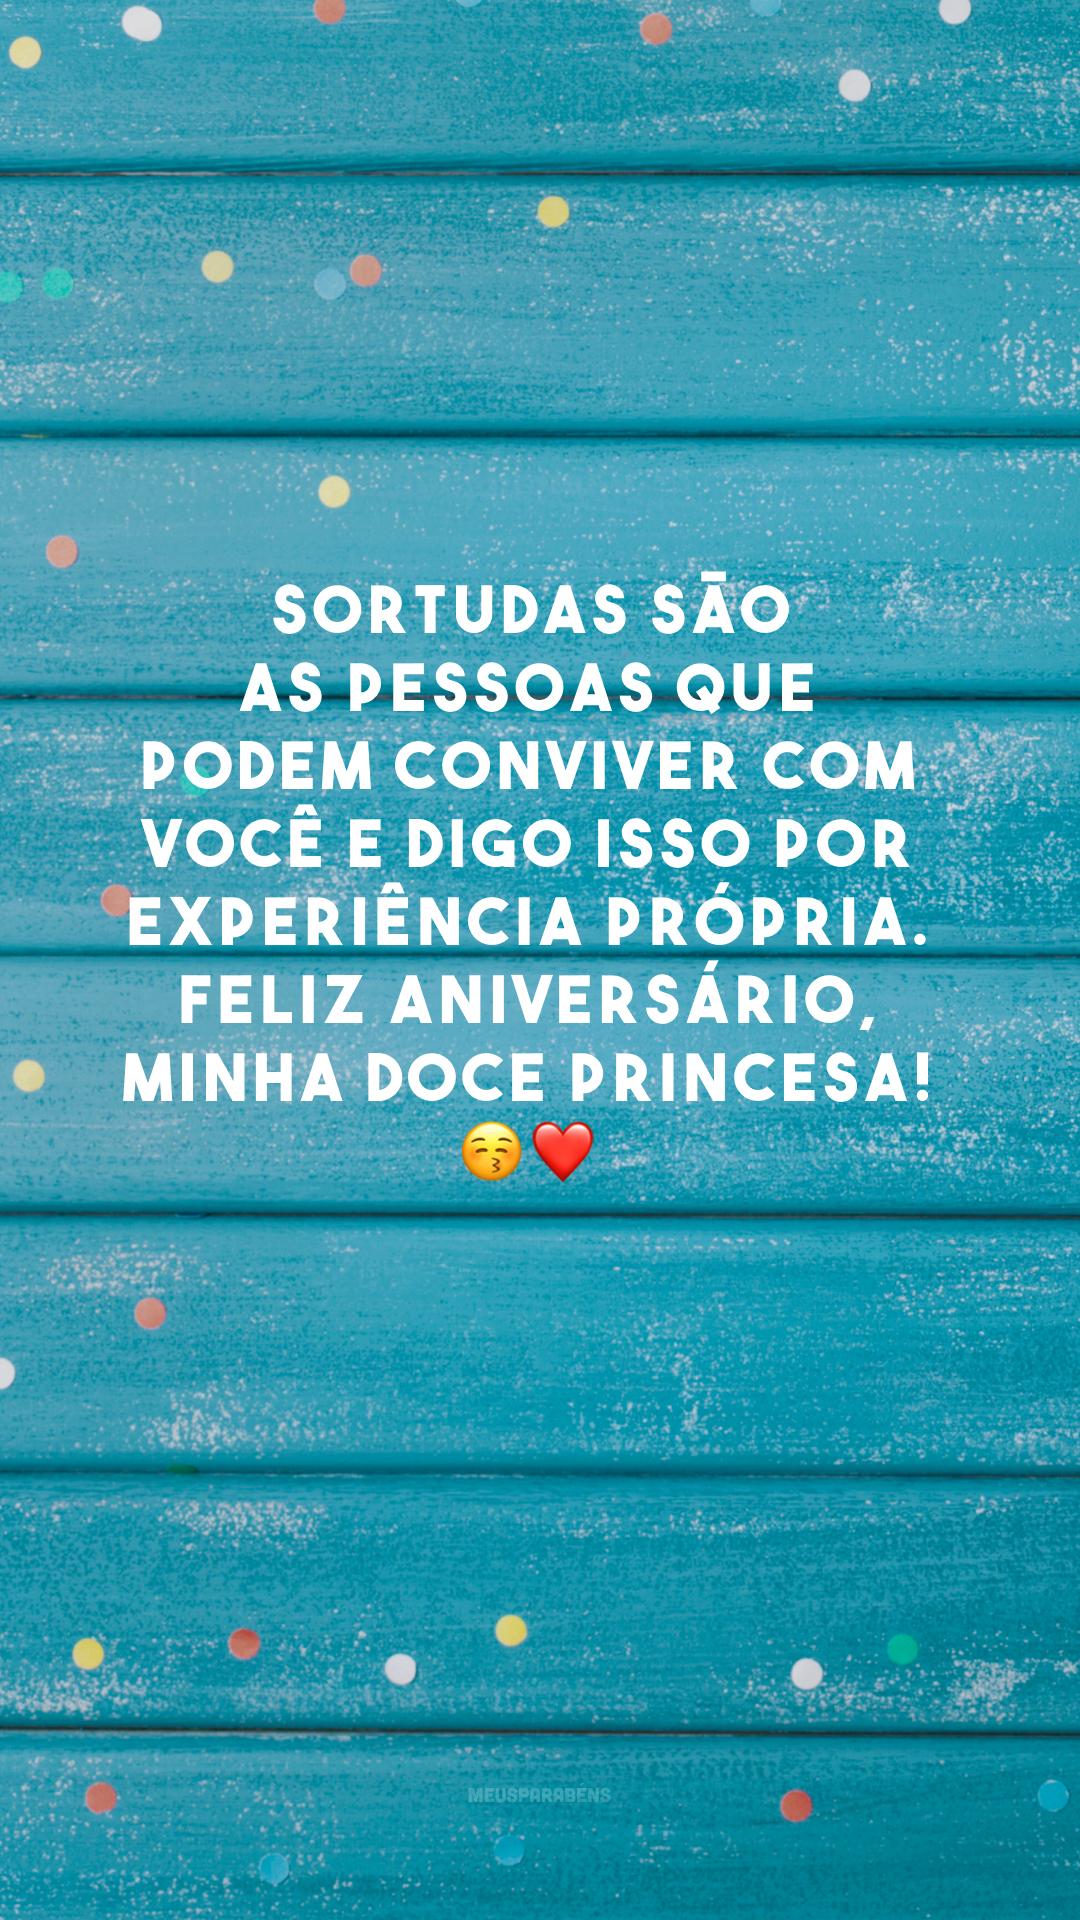 Sortudas são as pessoas que podem conviver com você e digo isso por experiência própria. Feliz aniversário, minha doce princesa! 😚❤️